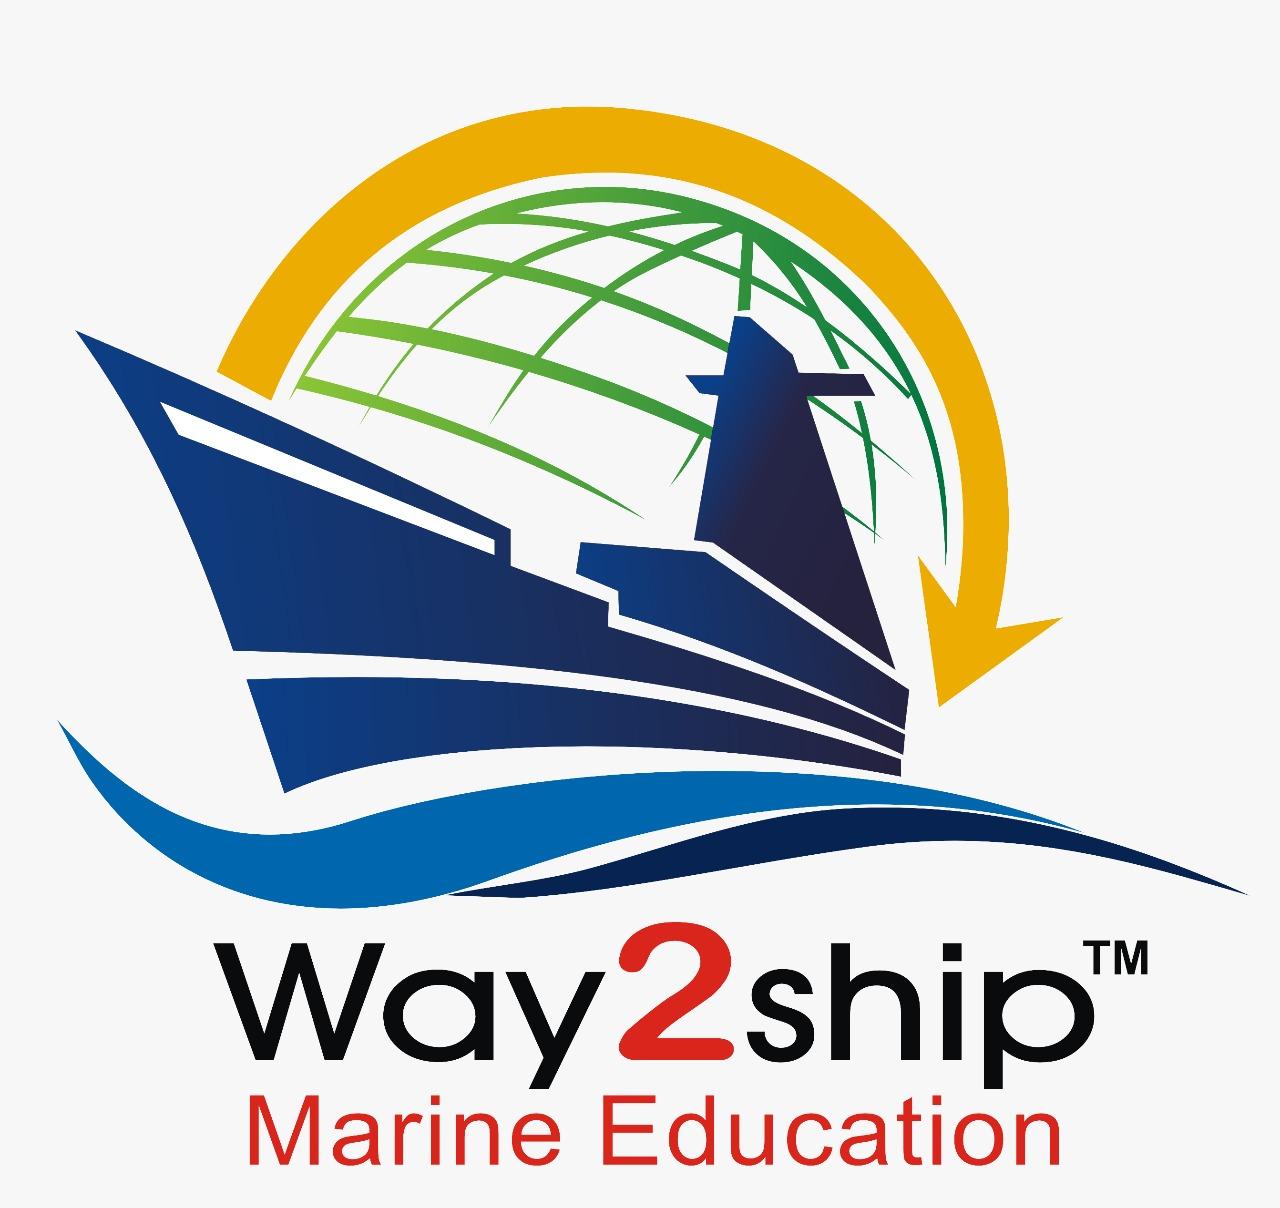 Way2ship Marine Education